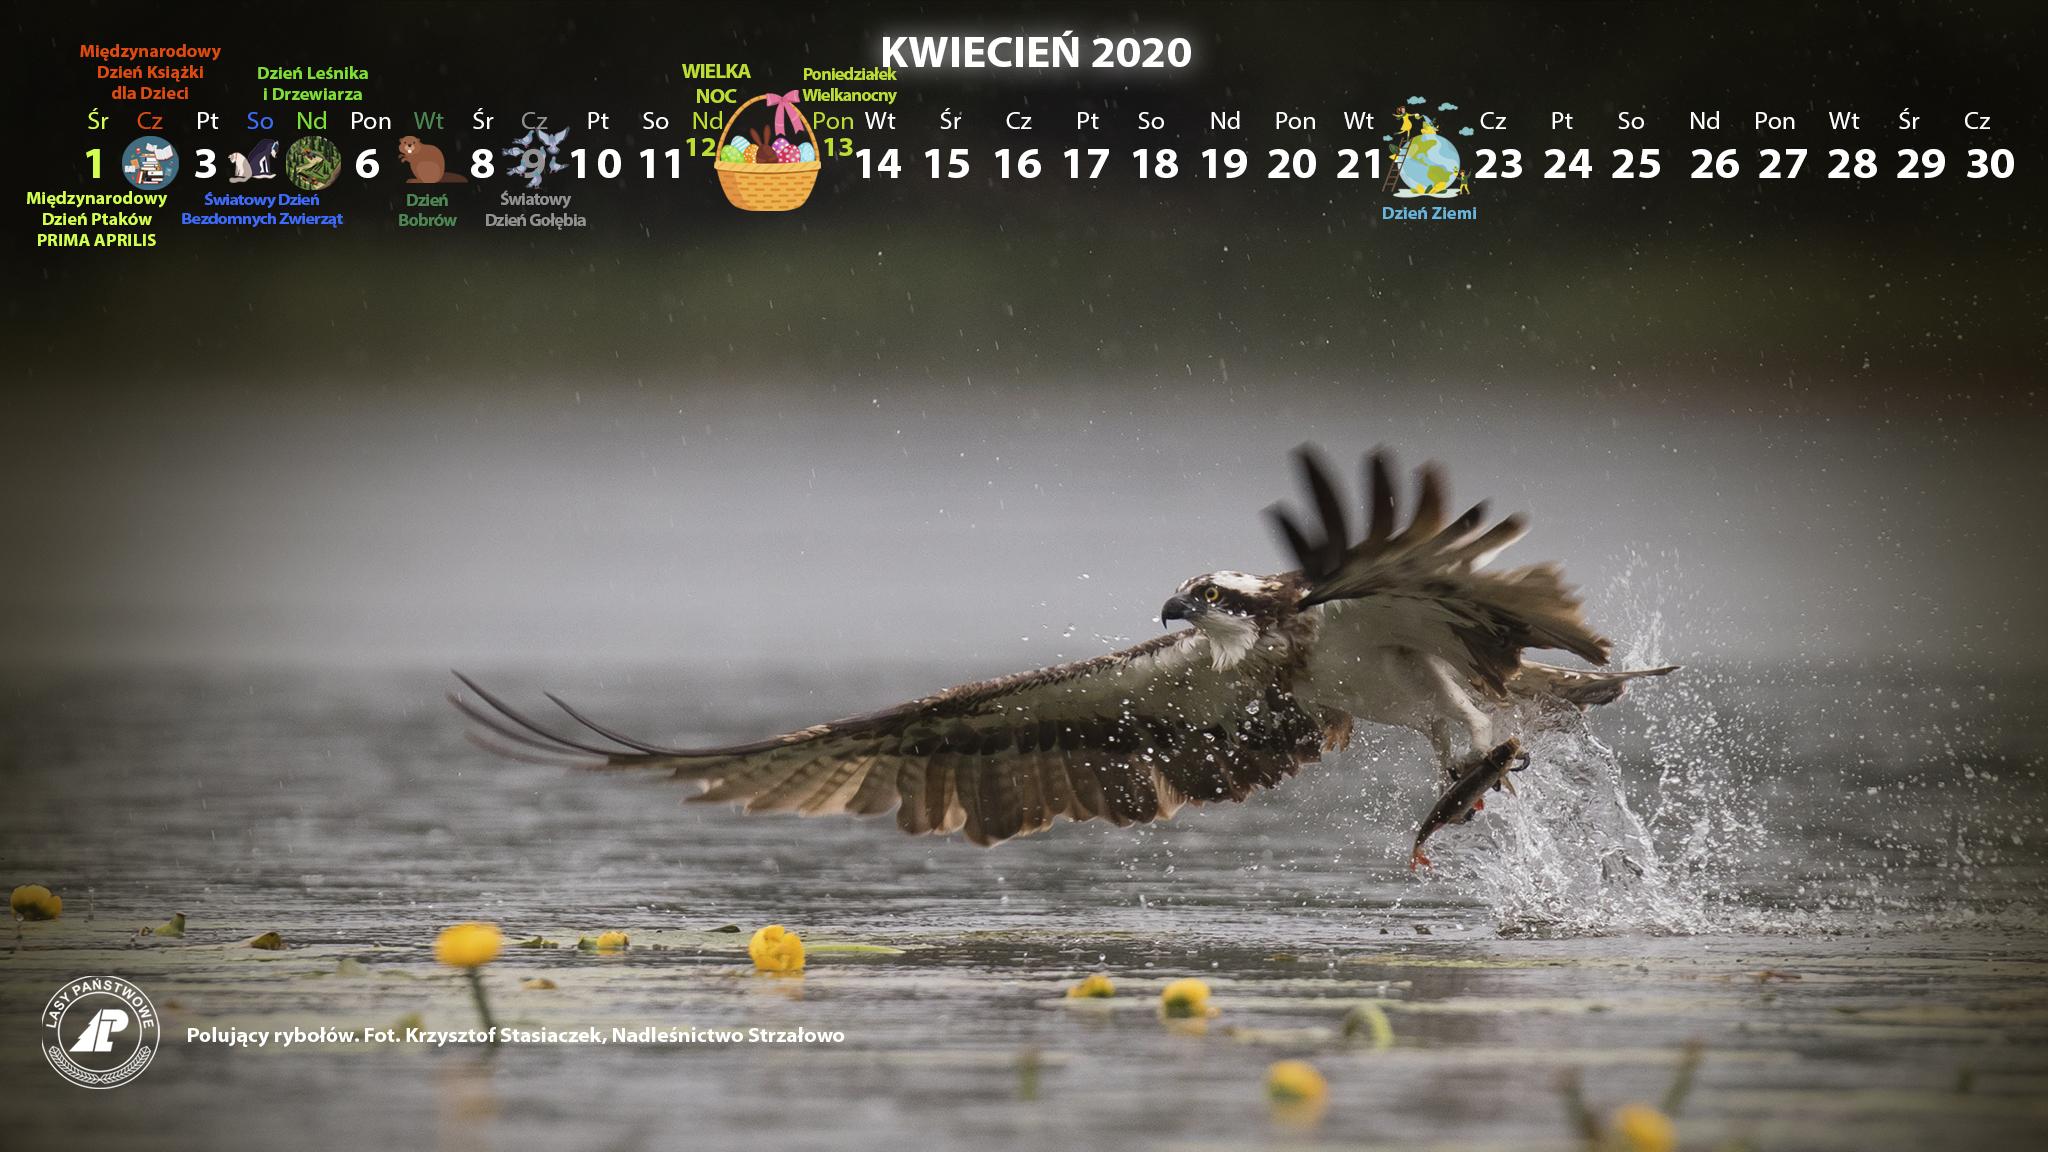 Kalendarz kwiecień 2019 2048x1152.jpg